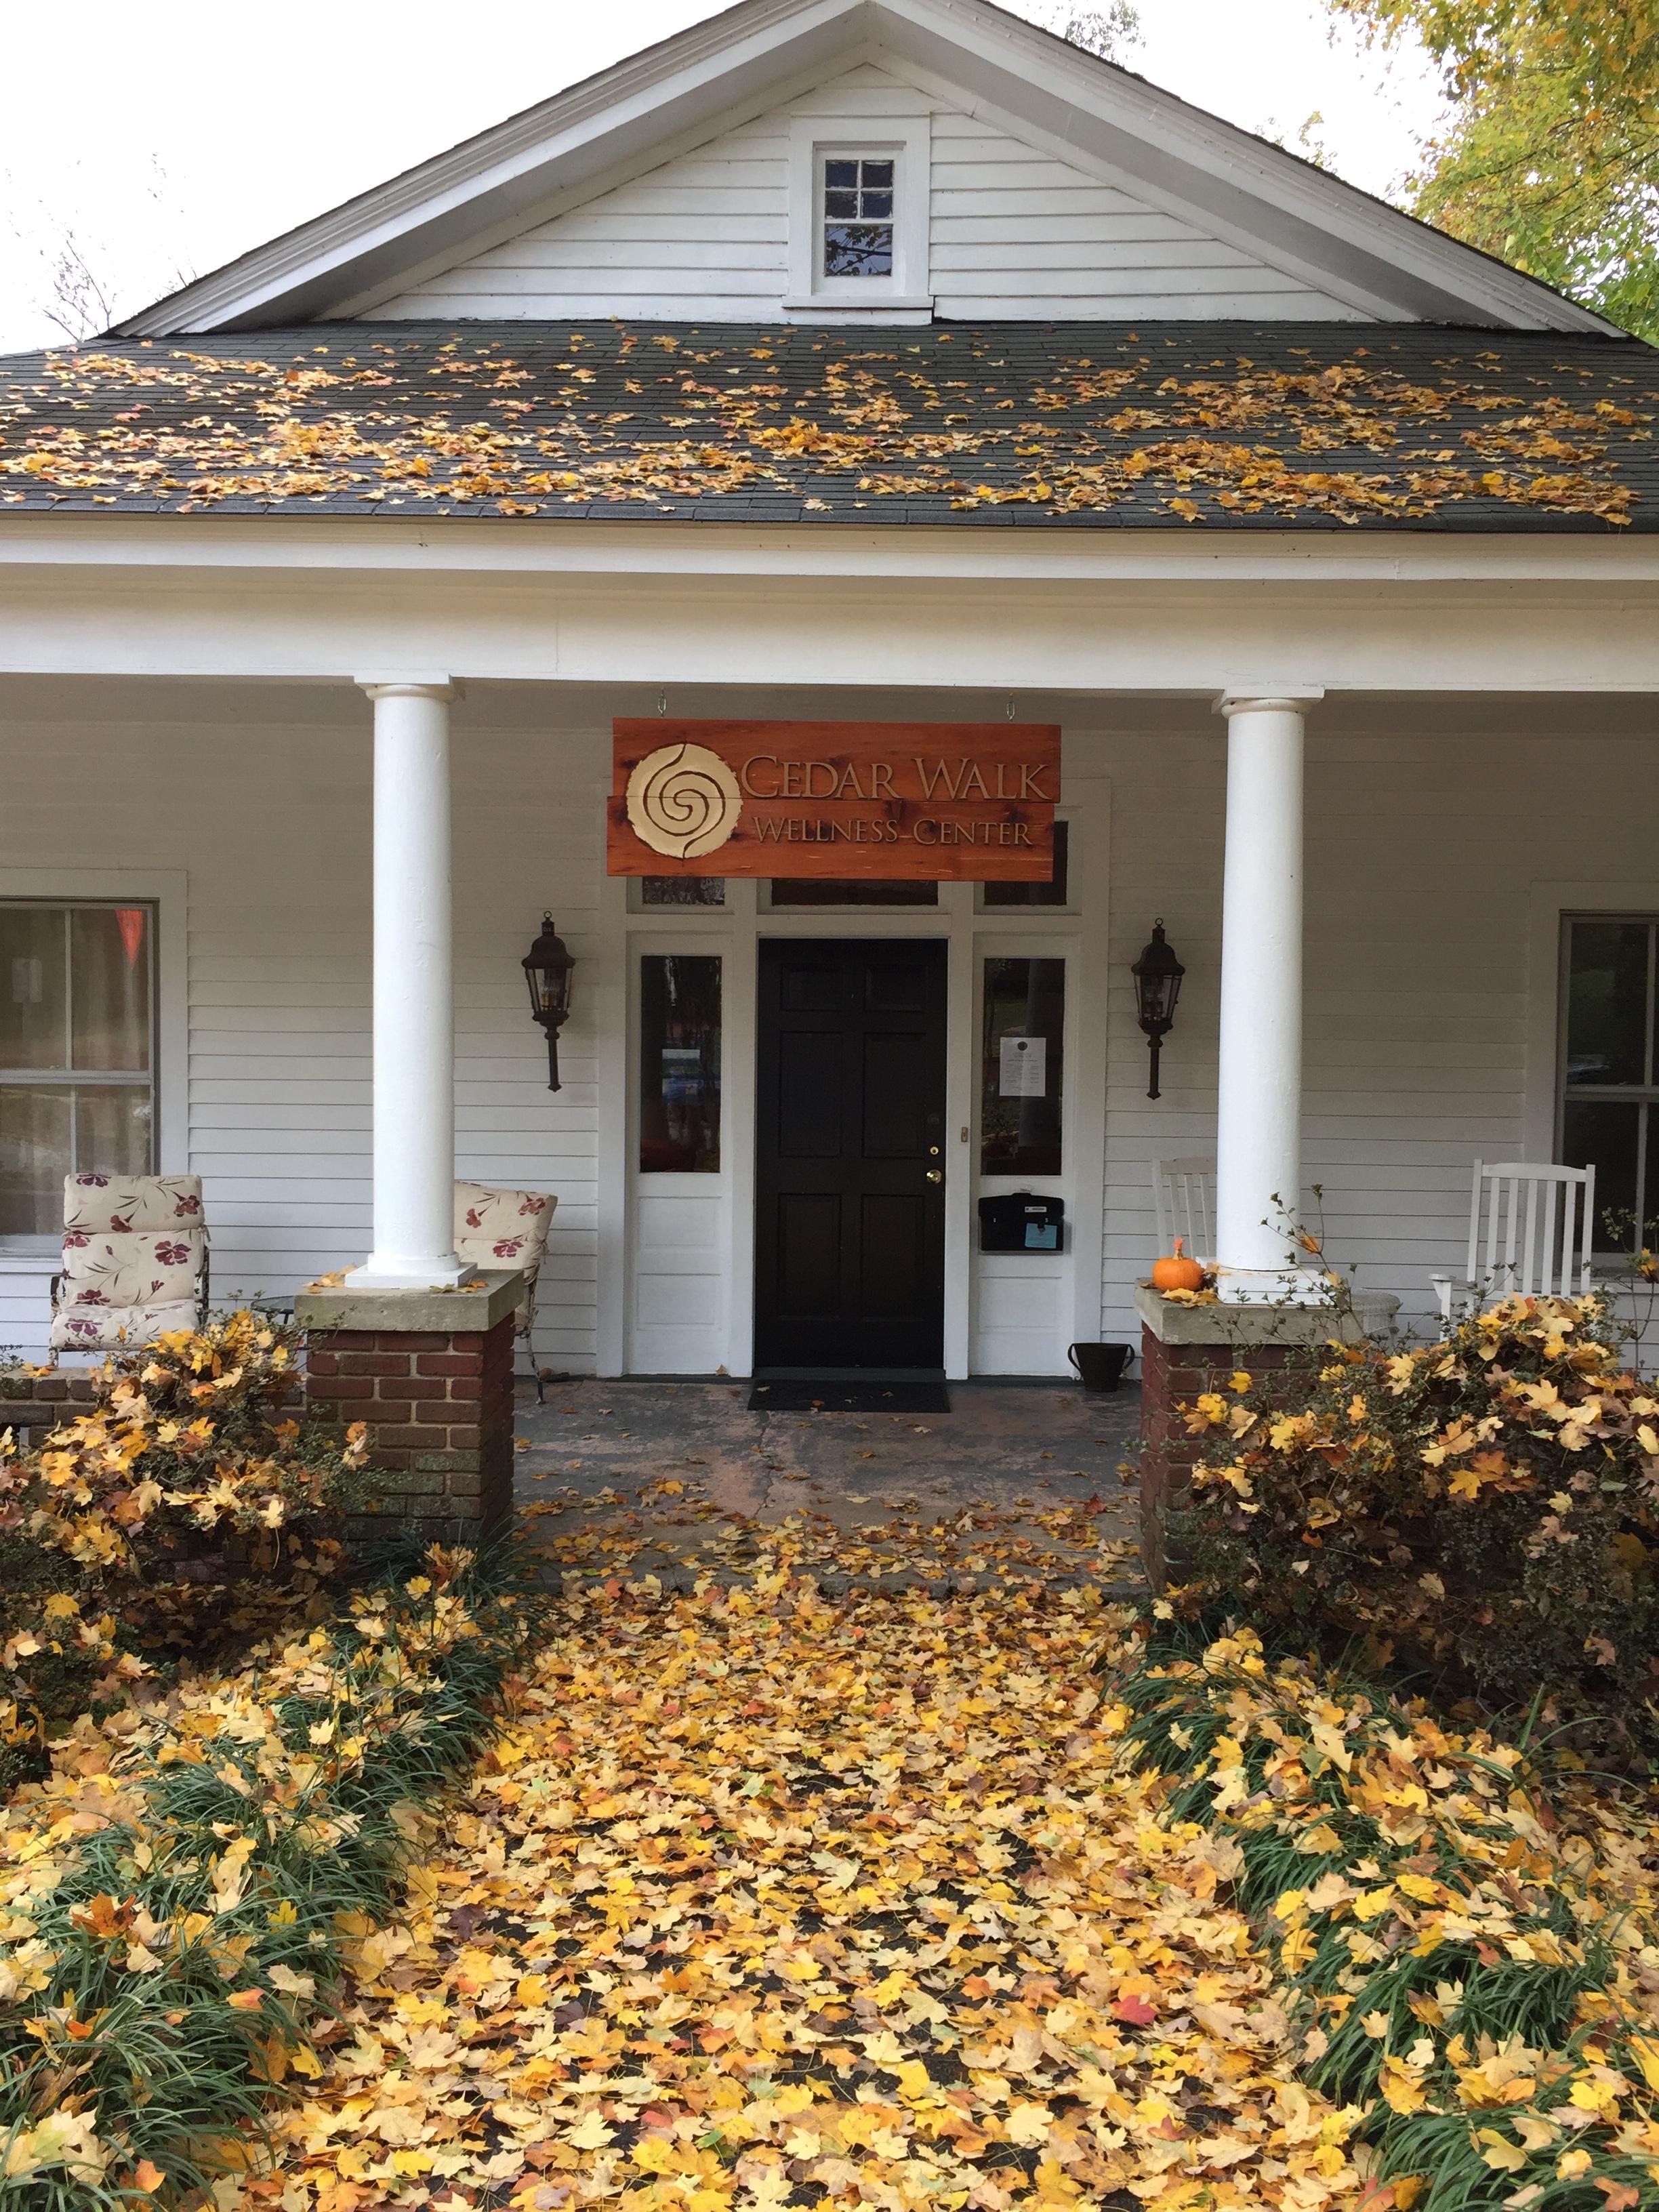 exterior view of cedar walk wellness center in the fall, Hillsborough NC